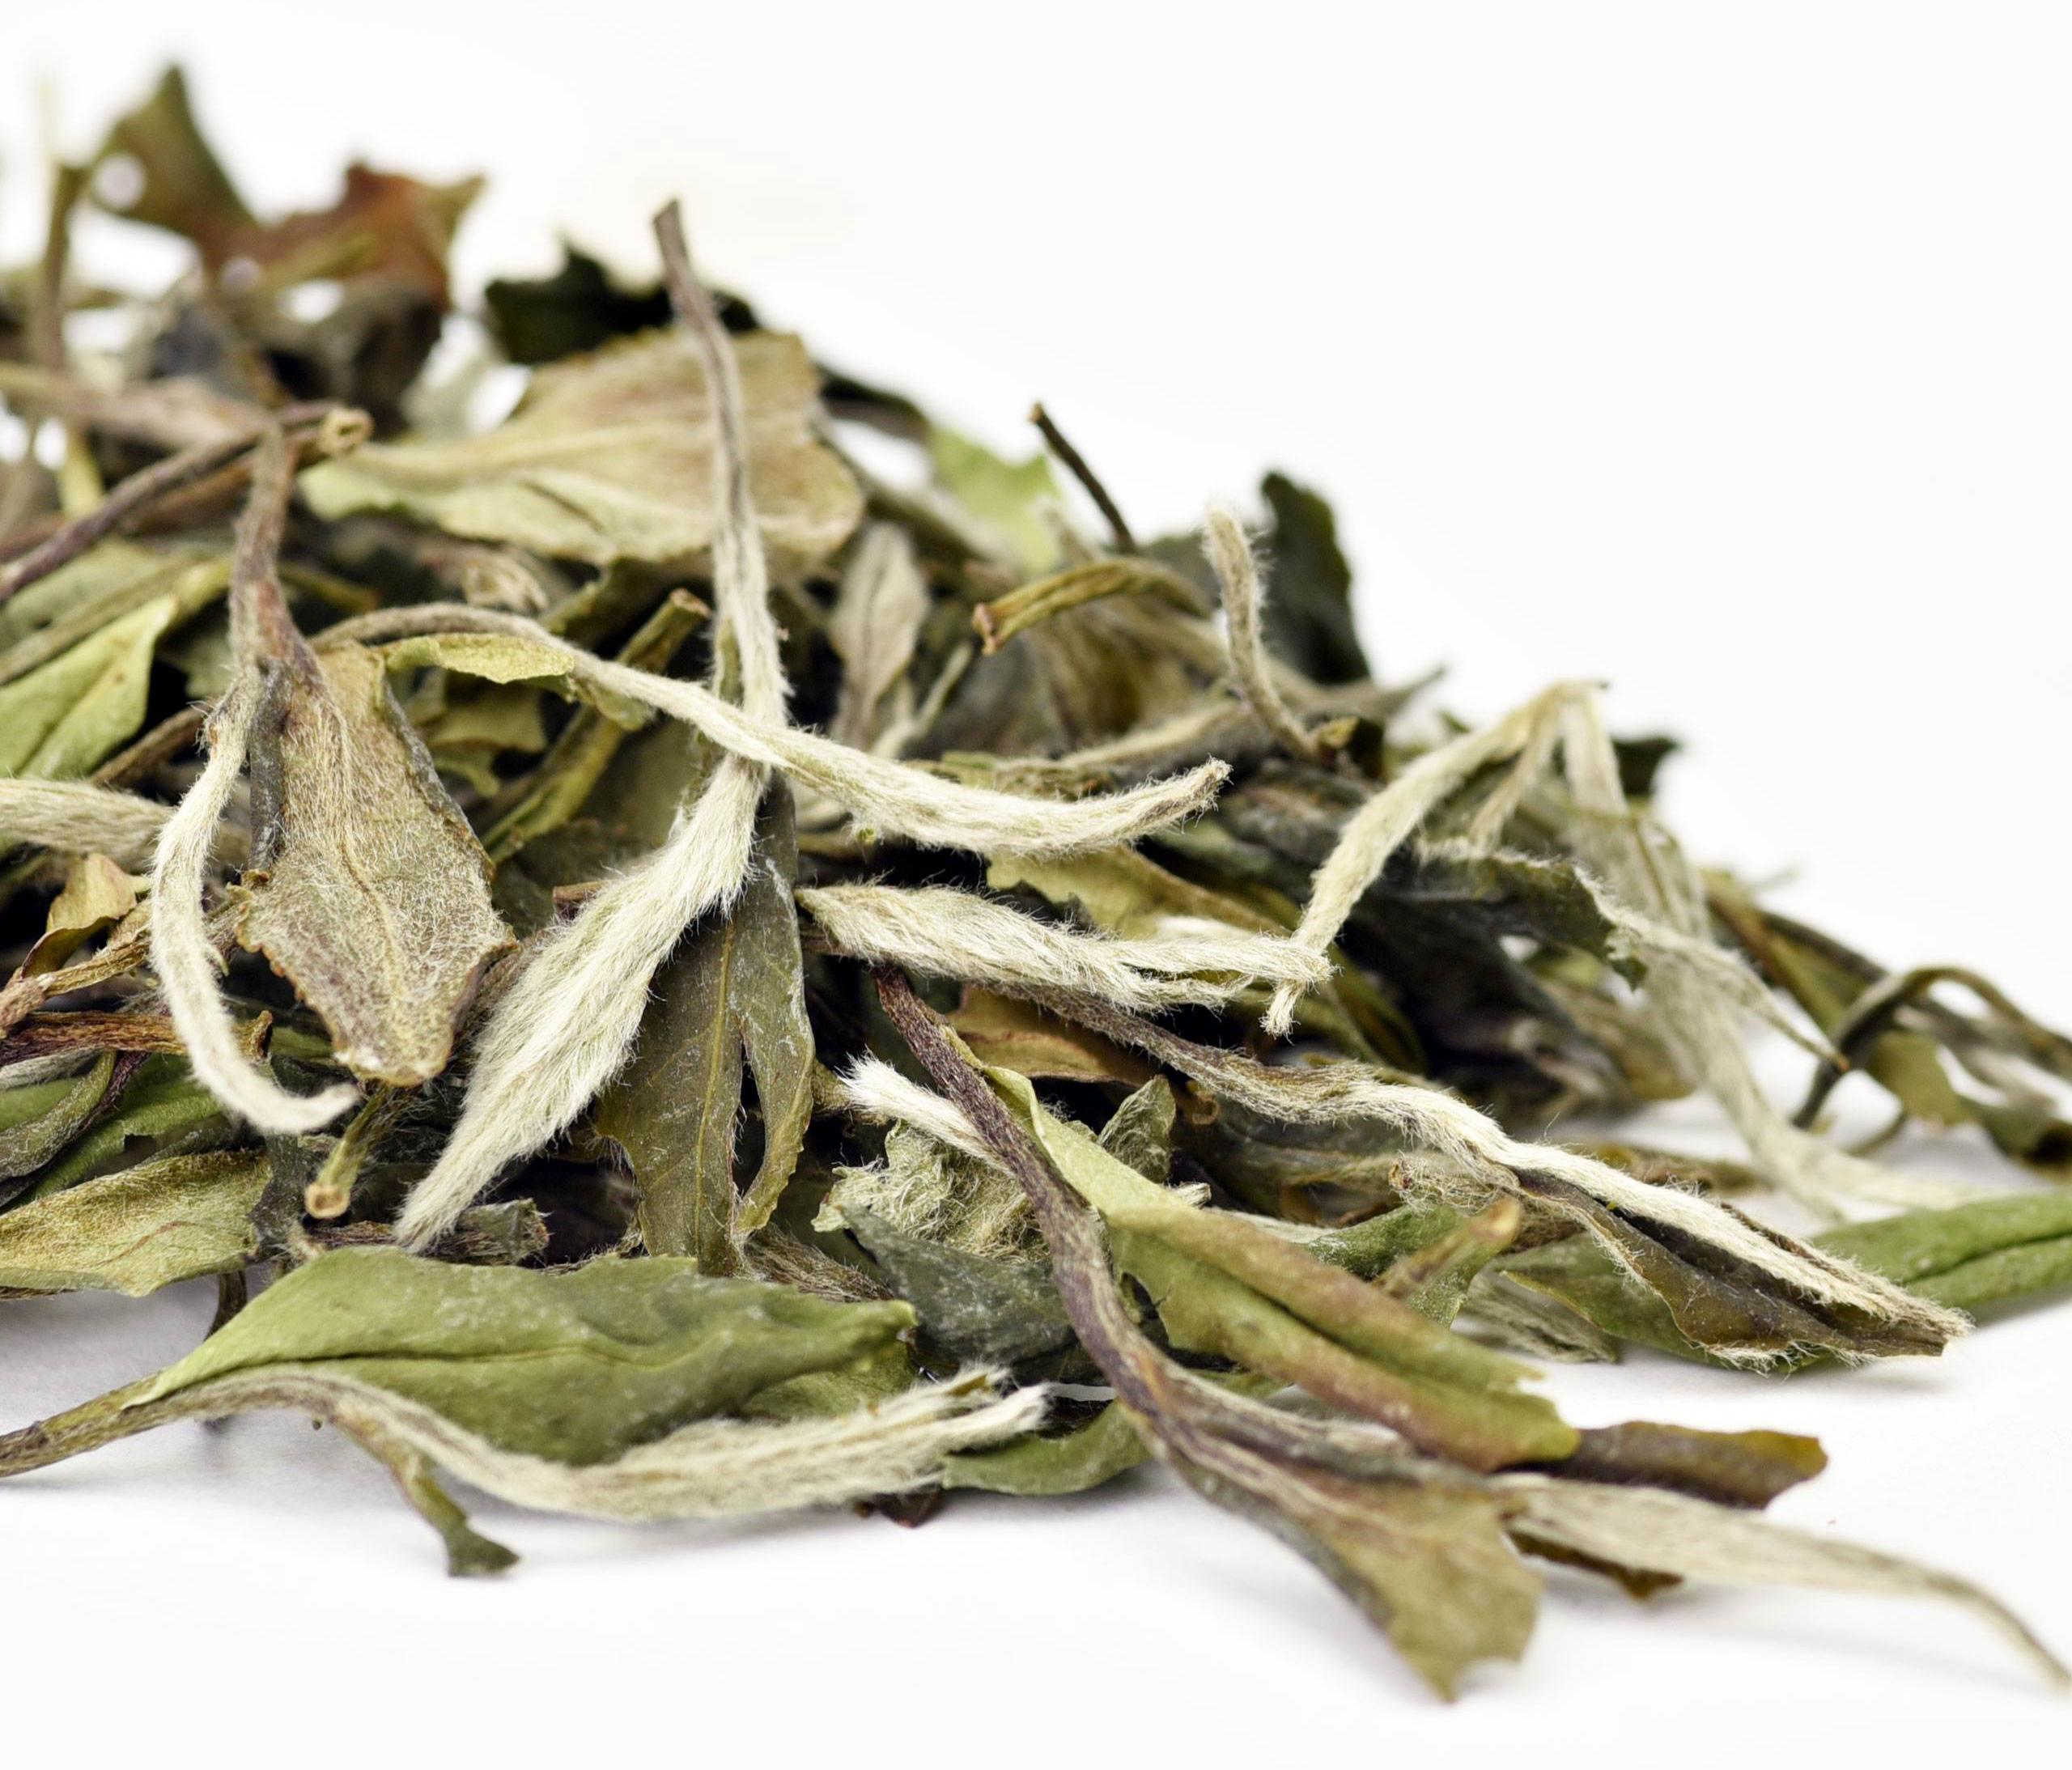 Organic White Peony Tea Pai Mu Tan With Factory Price - 4uTea   4uTea.com